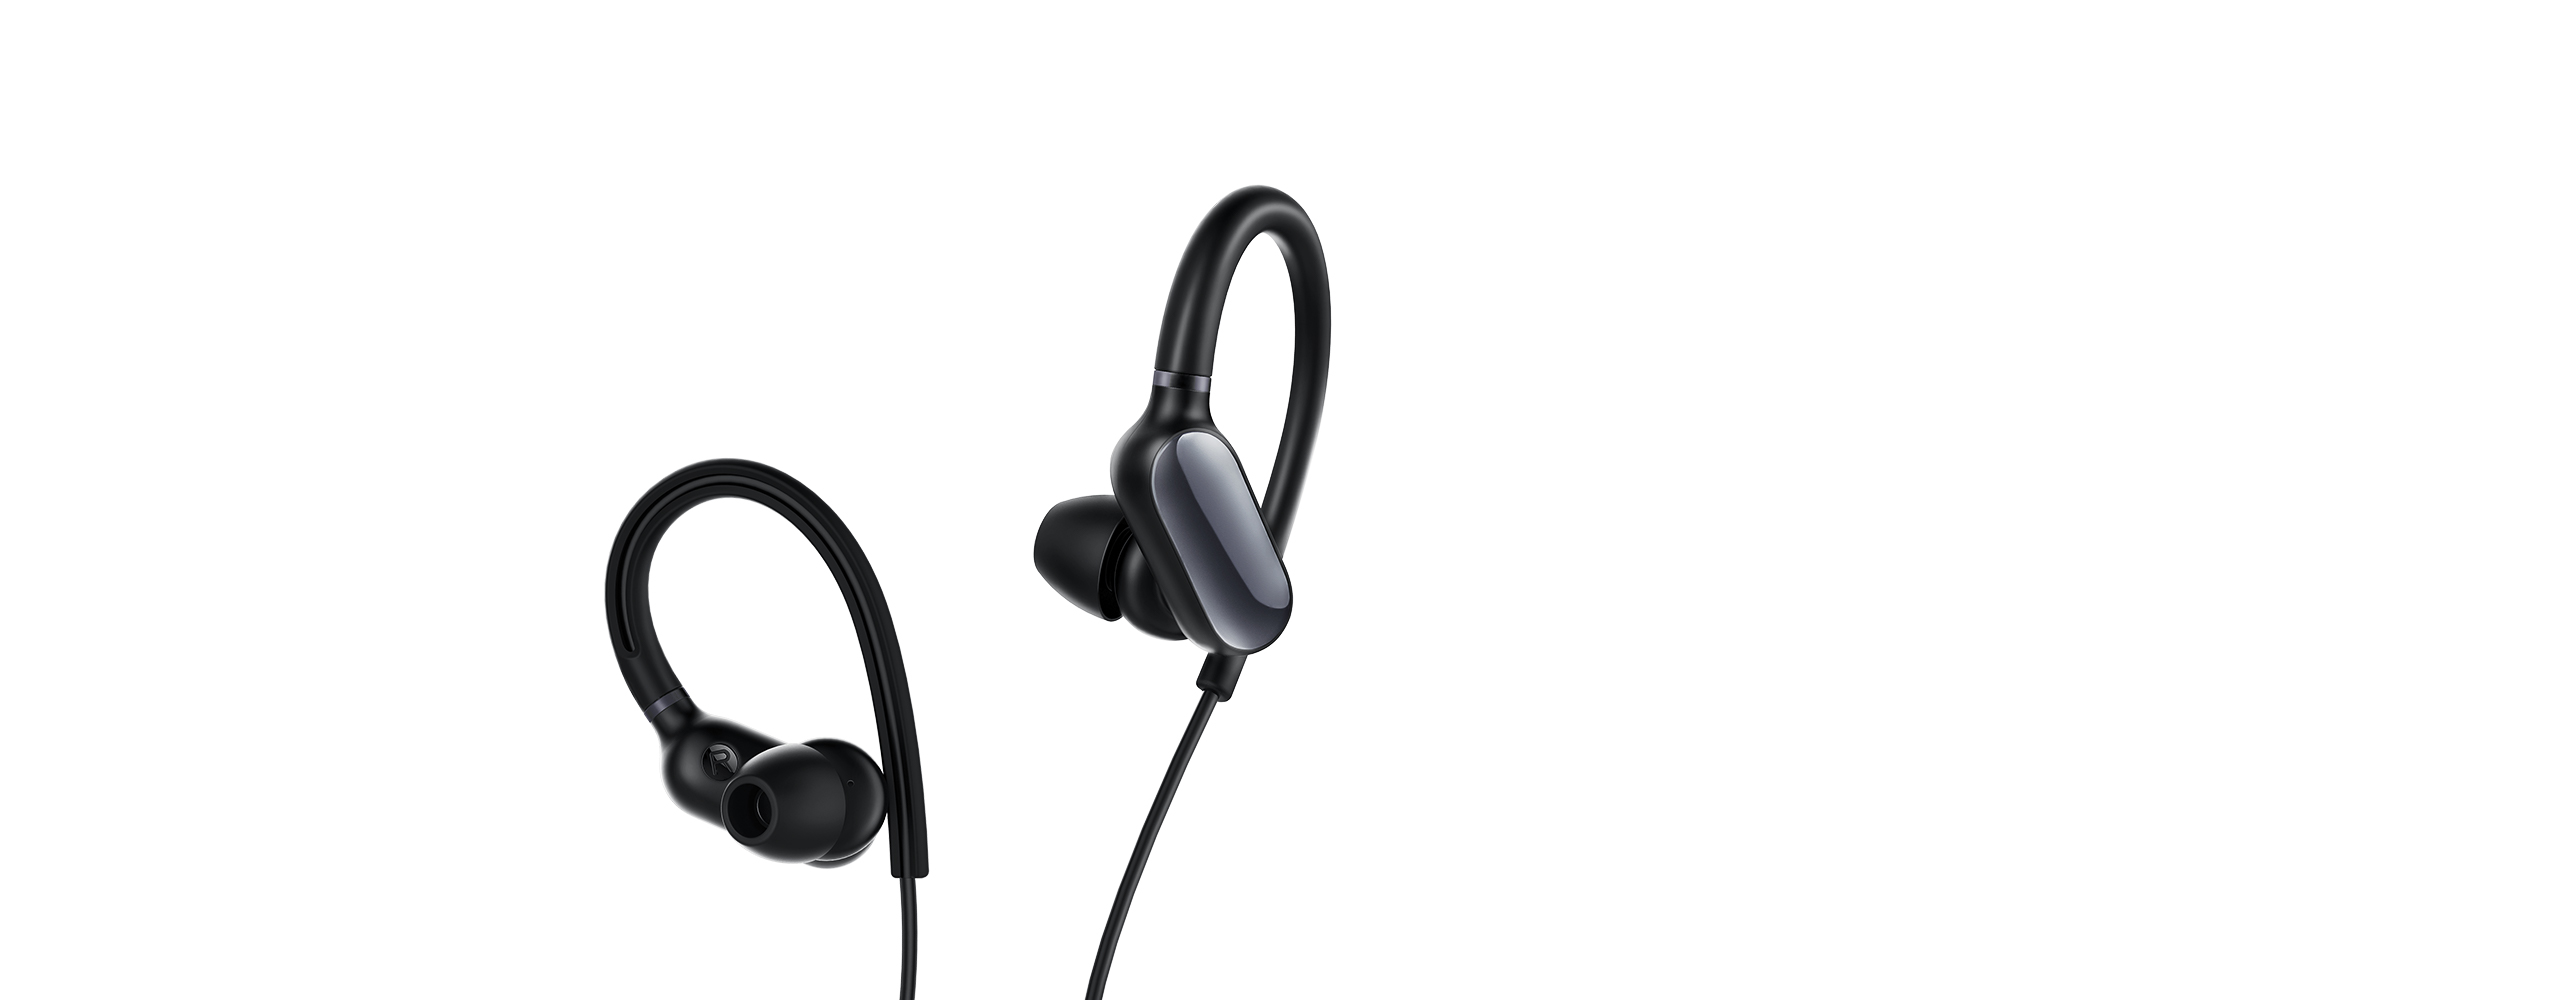 8c9f802db5b Mi Sports Bluetooth Earphones mini - Xiaomi United States